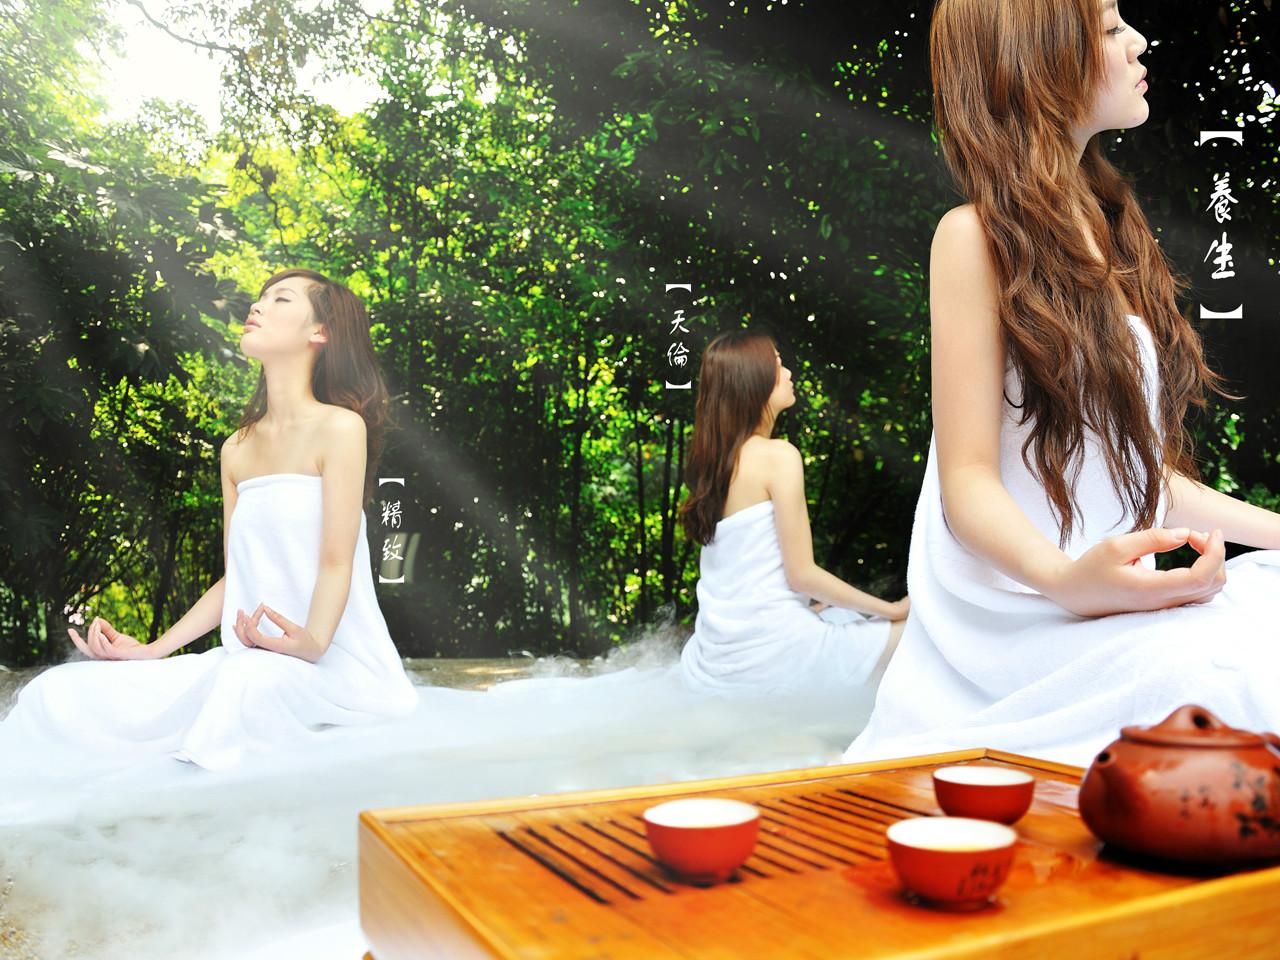 瑜伽温泉 (17).jpg